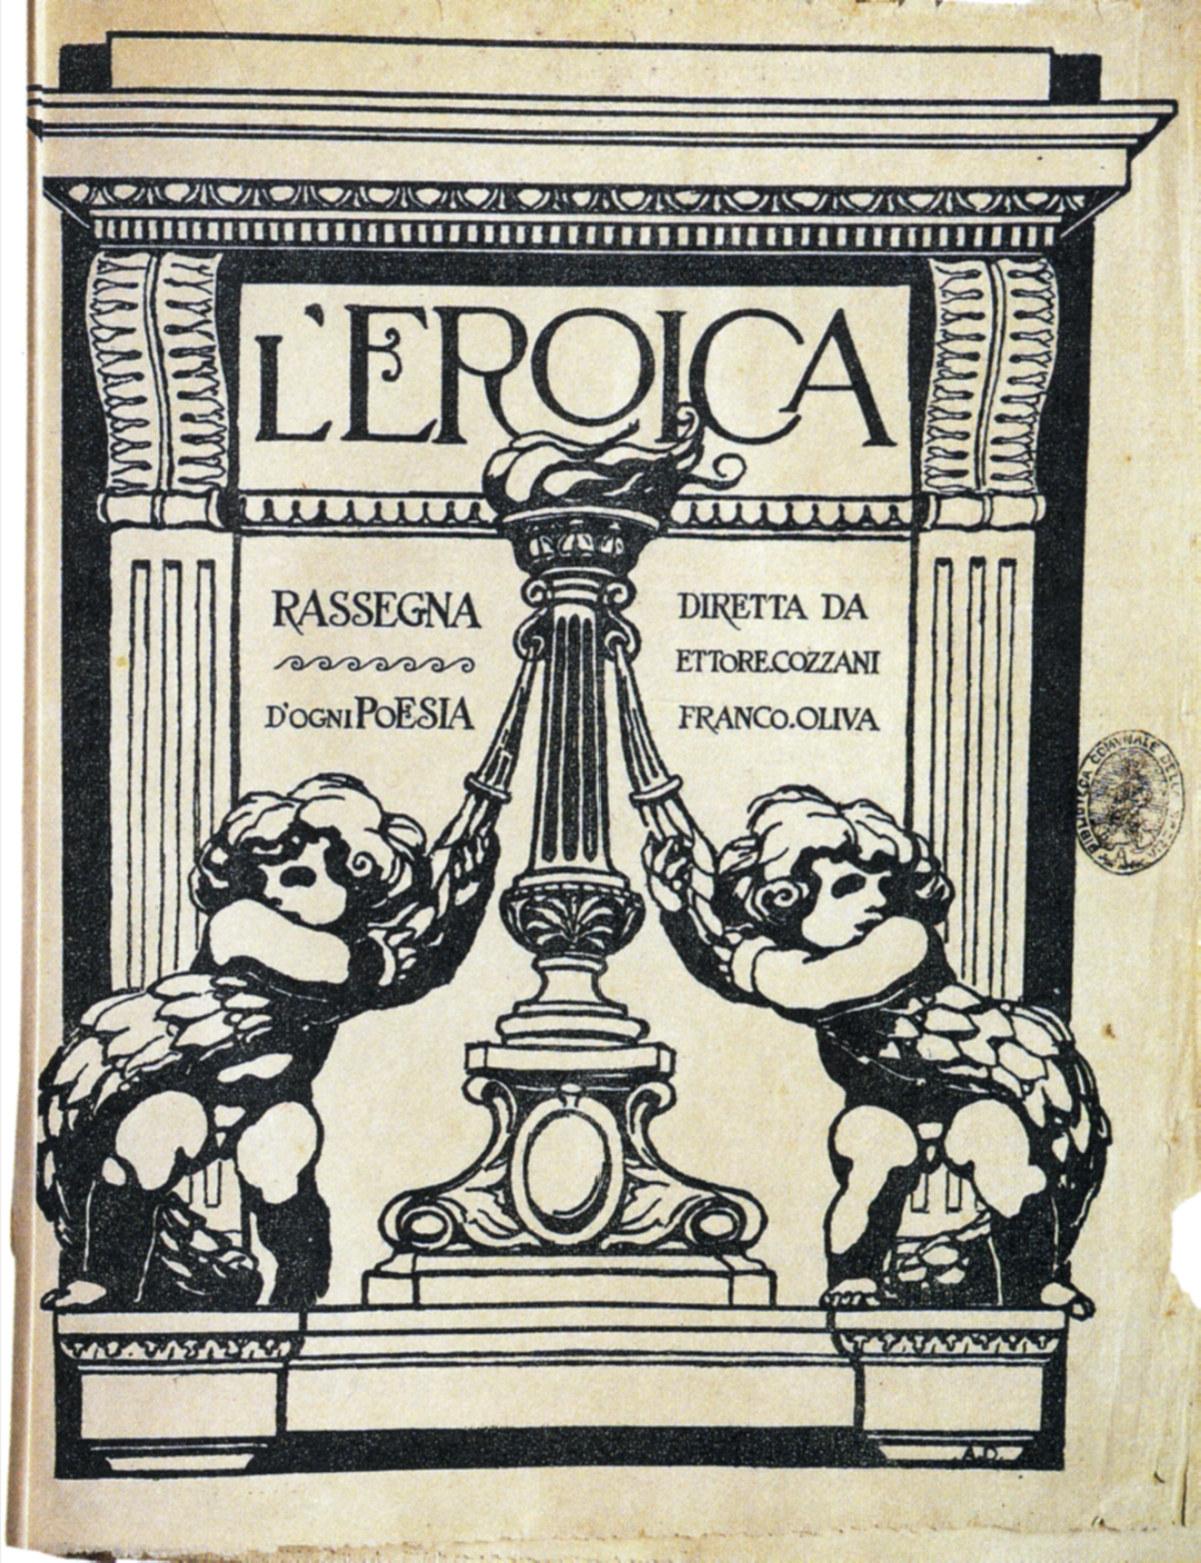 Ettore Cozzani, quando letteratura, editoria ed eroismo si incontrano